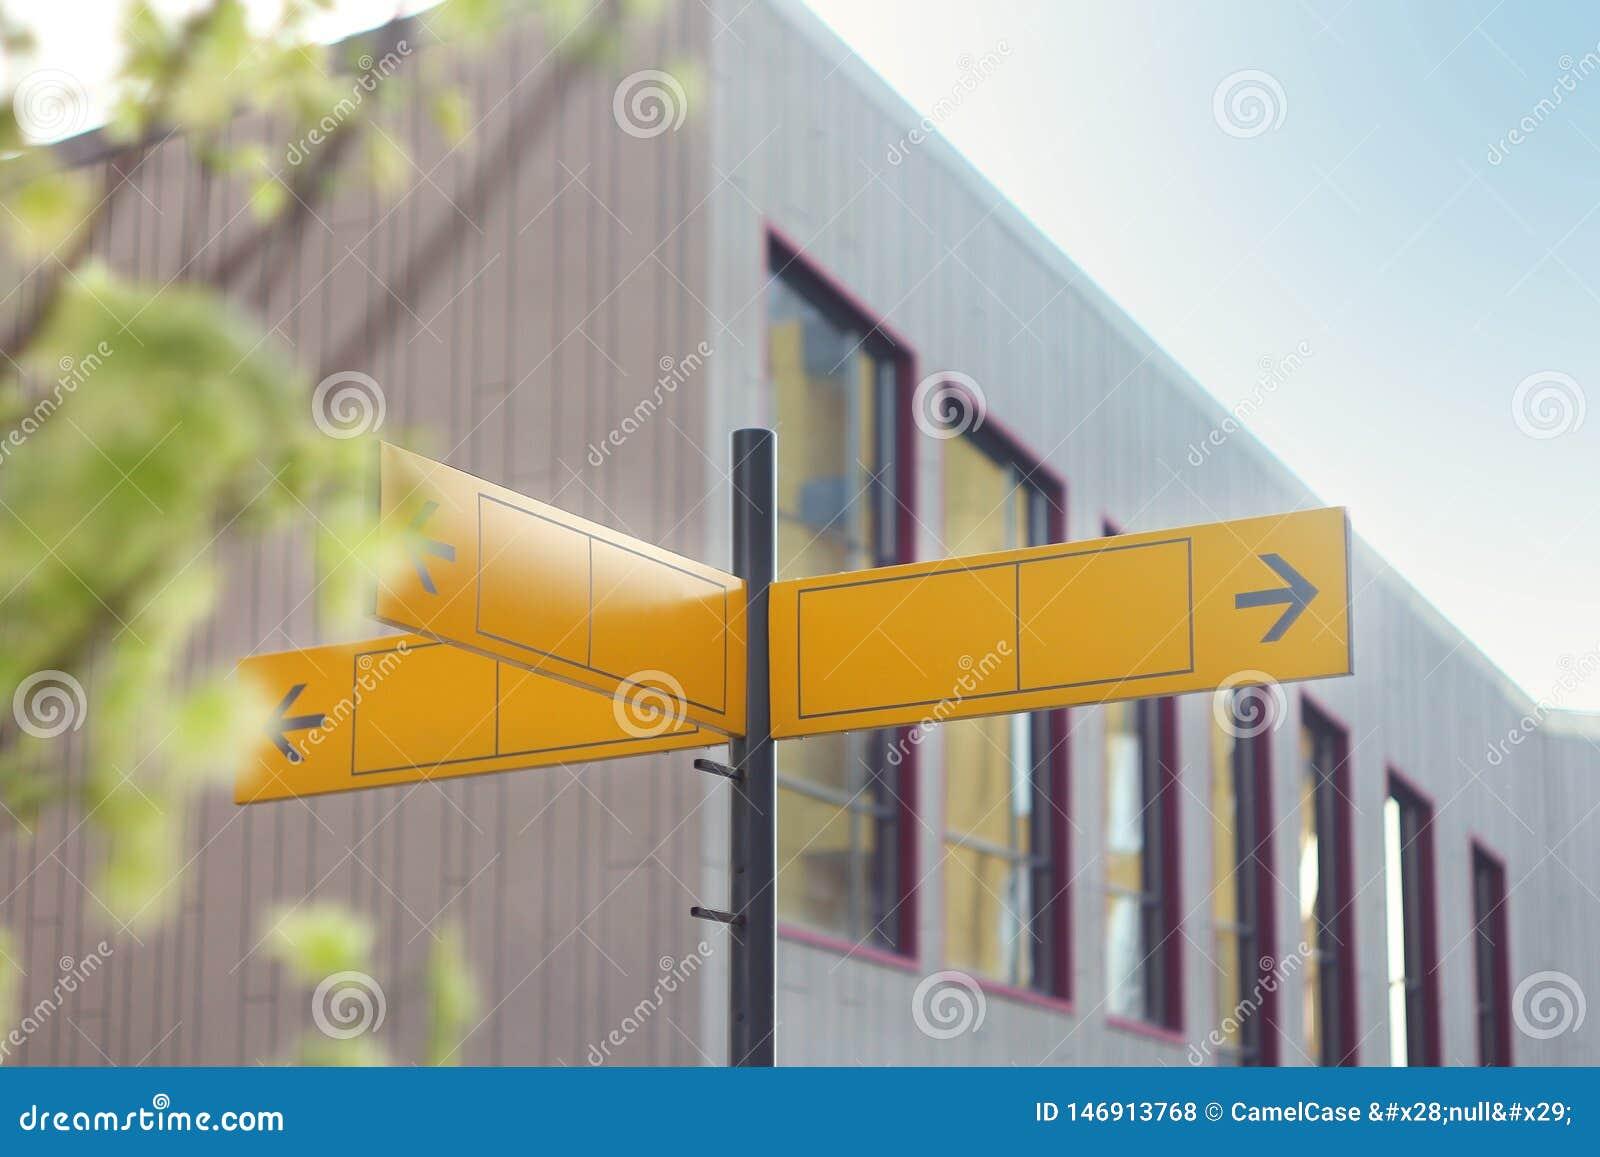 Panneau routier jaune ou panneaux routiers vides montrant la direction contre un bâtiment